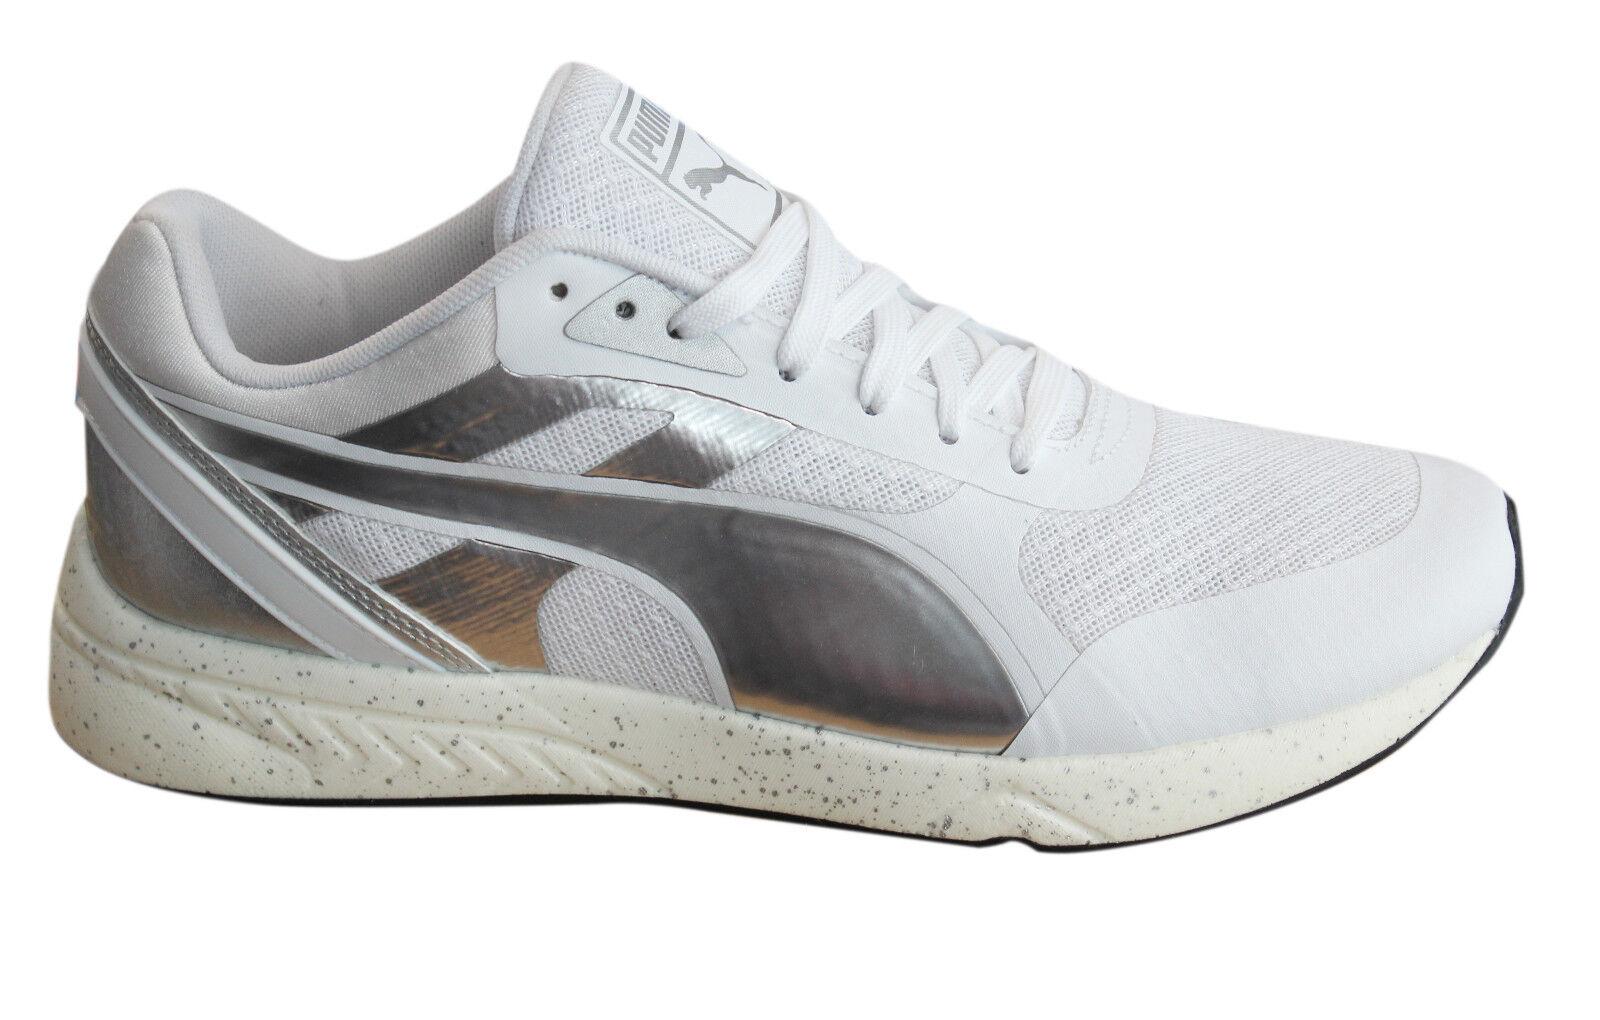 Puma 698 Ignite Metallic Femme Lace Up blanc fonctionnement Trainers 361086 02 D69